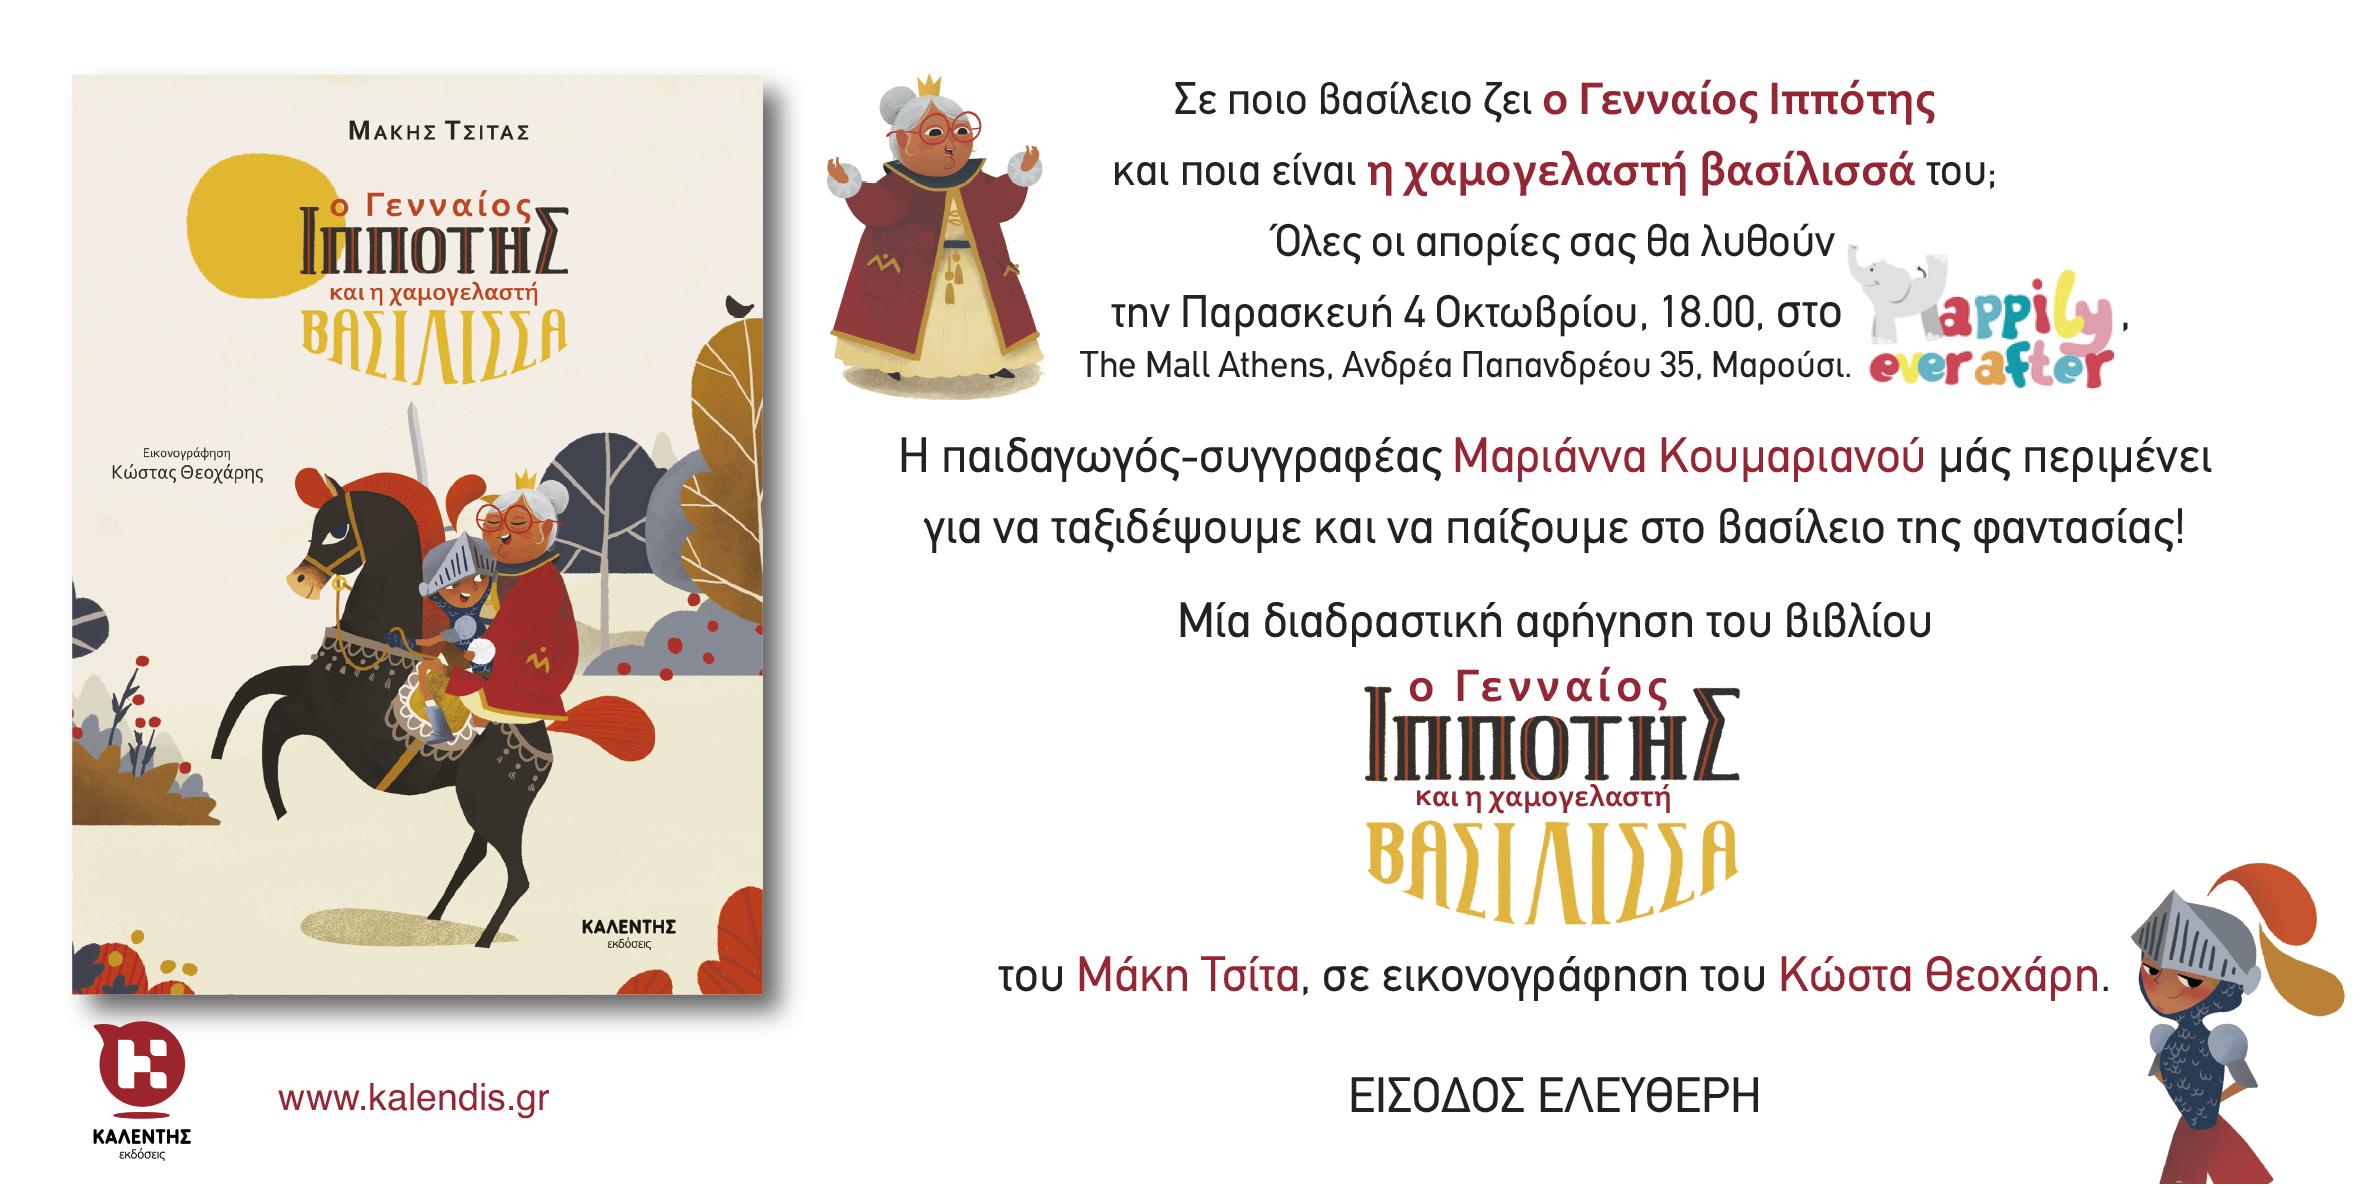 """Διαδραστική αφήγηση του βιβλίου «Ο γενναίος ιππότης και η χαμογελαστή βασίλισσα» του Μάκη Τσίτα στο """"Happily ever after"""", The Mall Athens, Μαρούσι, από την παιδαγωγό-συγγραφέα Μαριάννα Κουμαριανού."""